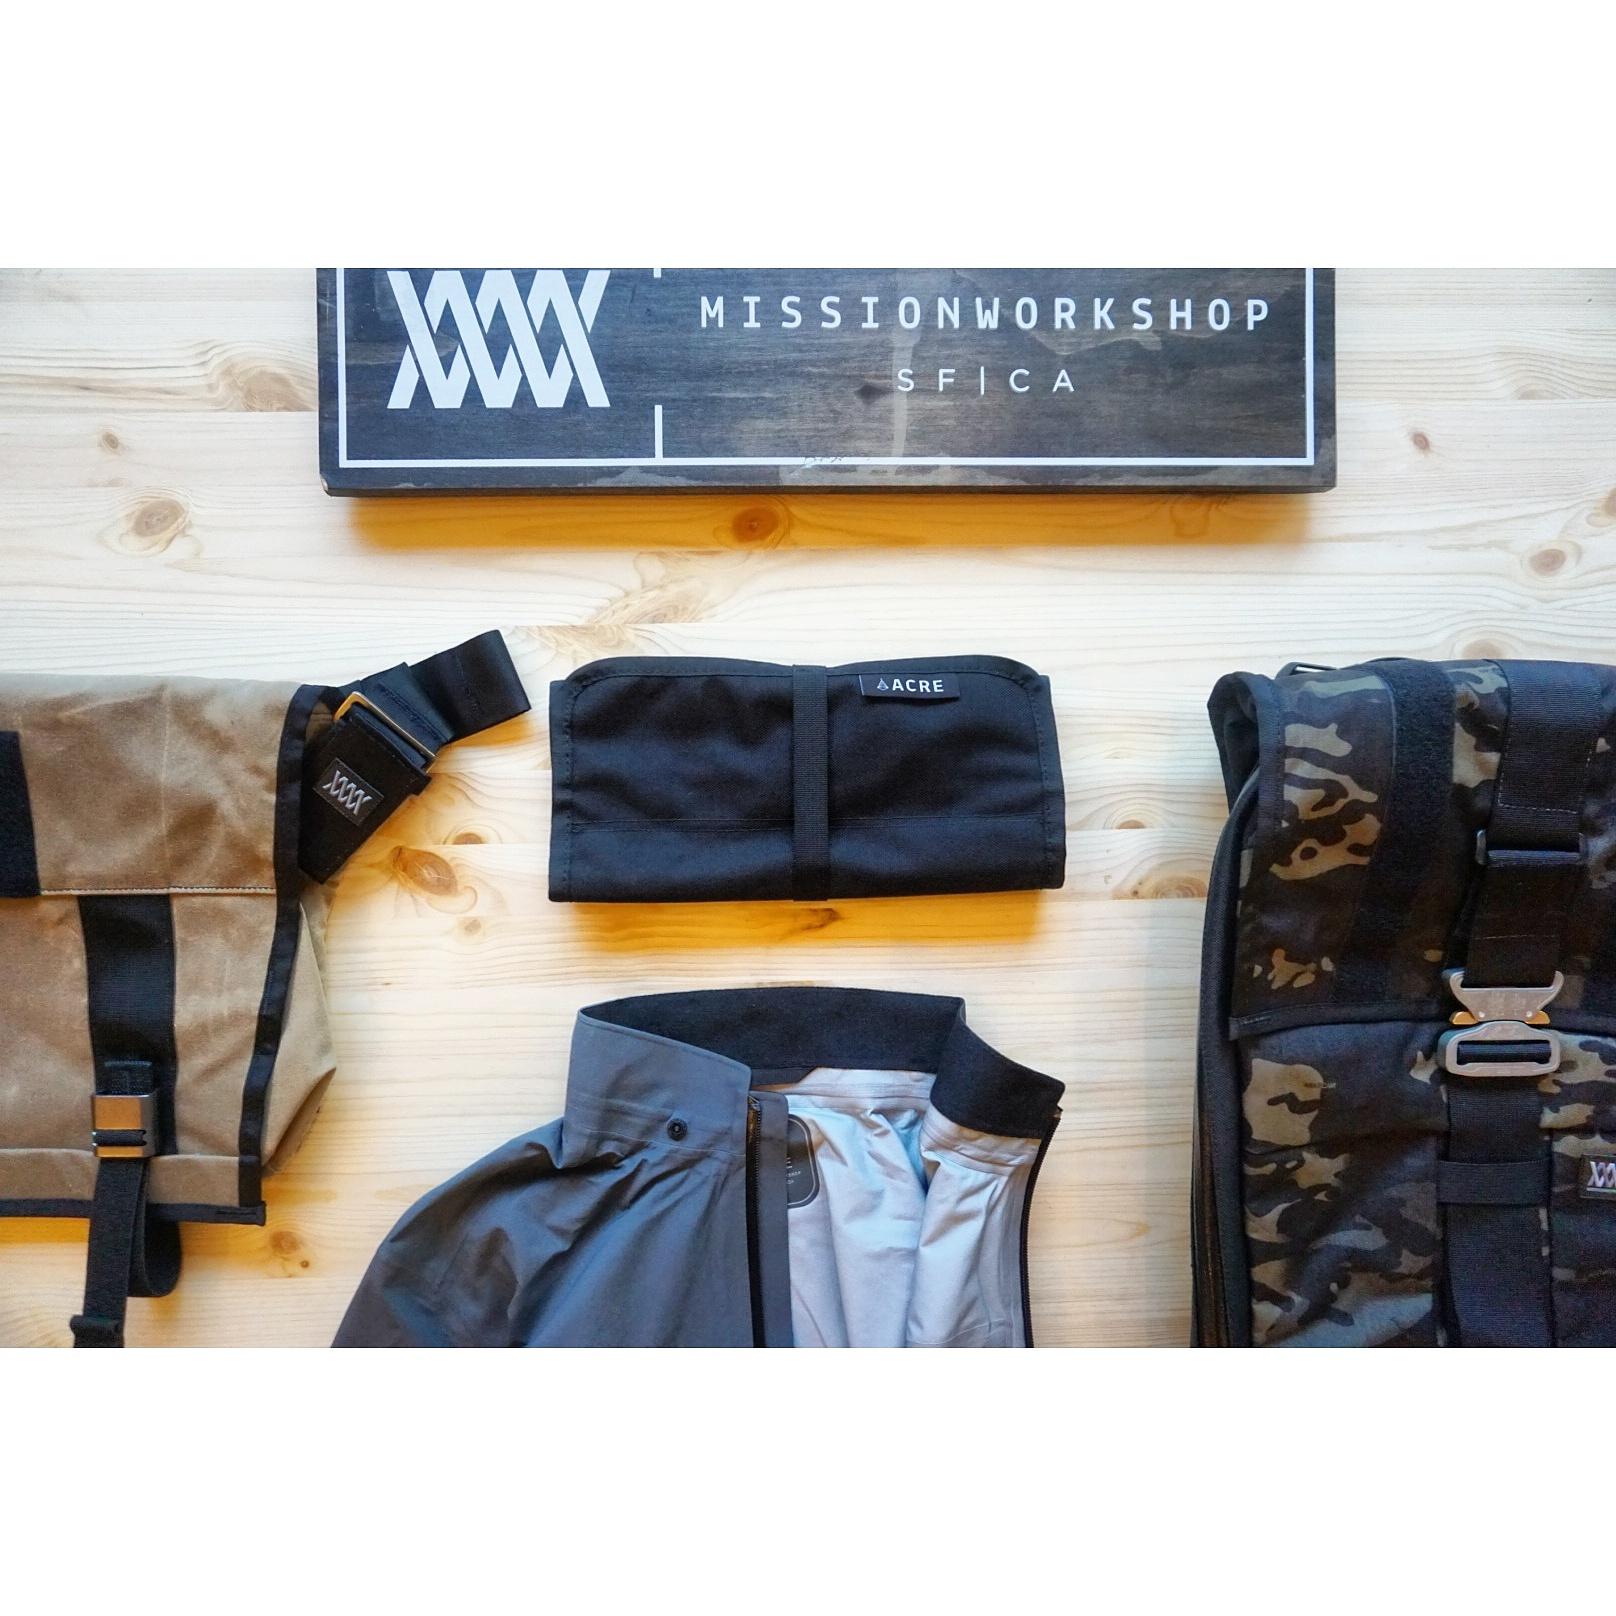 mission-workshop-dealer-montreal